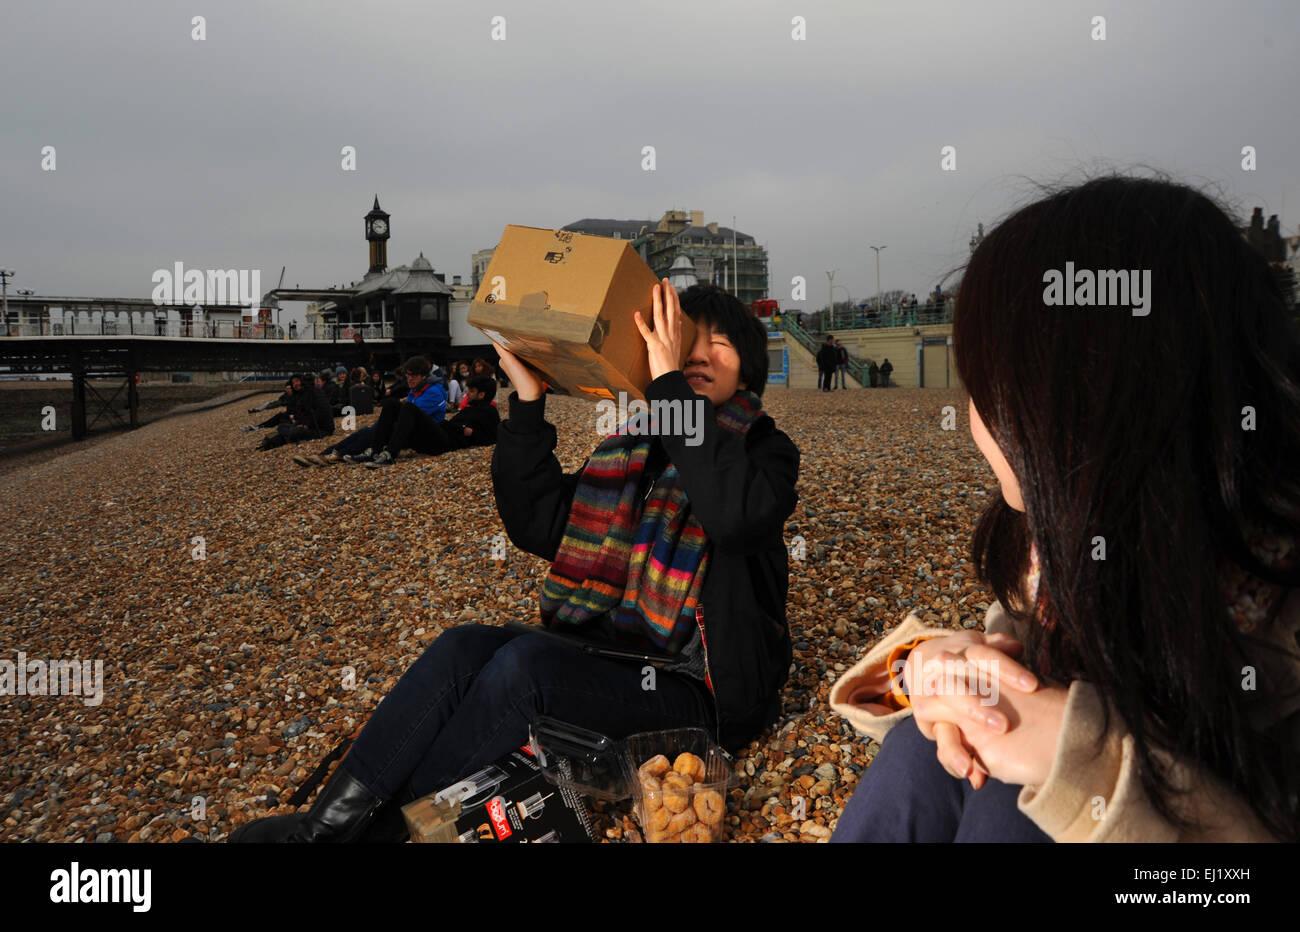 Brighton, Sussex UK Menschen 20. März 2015 - am Strand von Brighton Vormittag um die partielle Sonnenfinsternis Stockbild